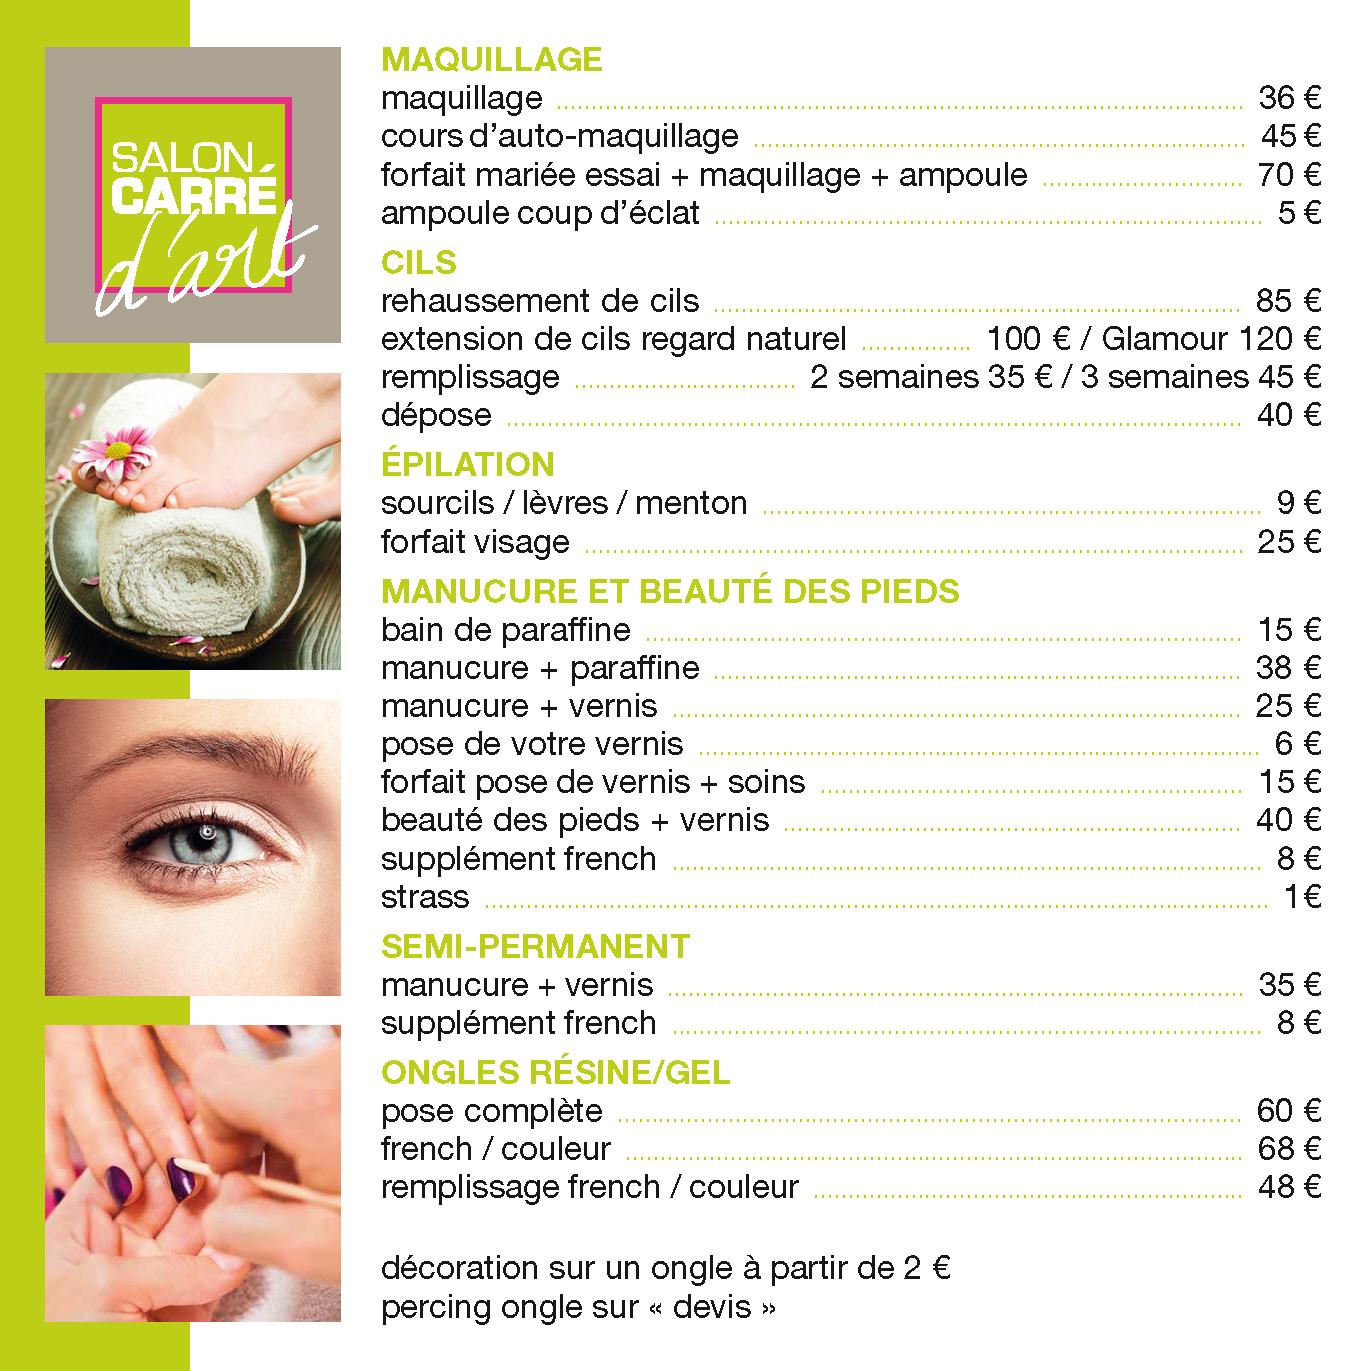 Fiche esthetique tarifs 2015 hdvalide2 page 1 coiffeur for Salon de coiffure tarif